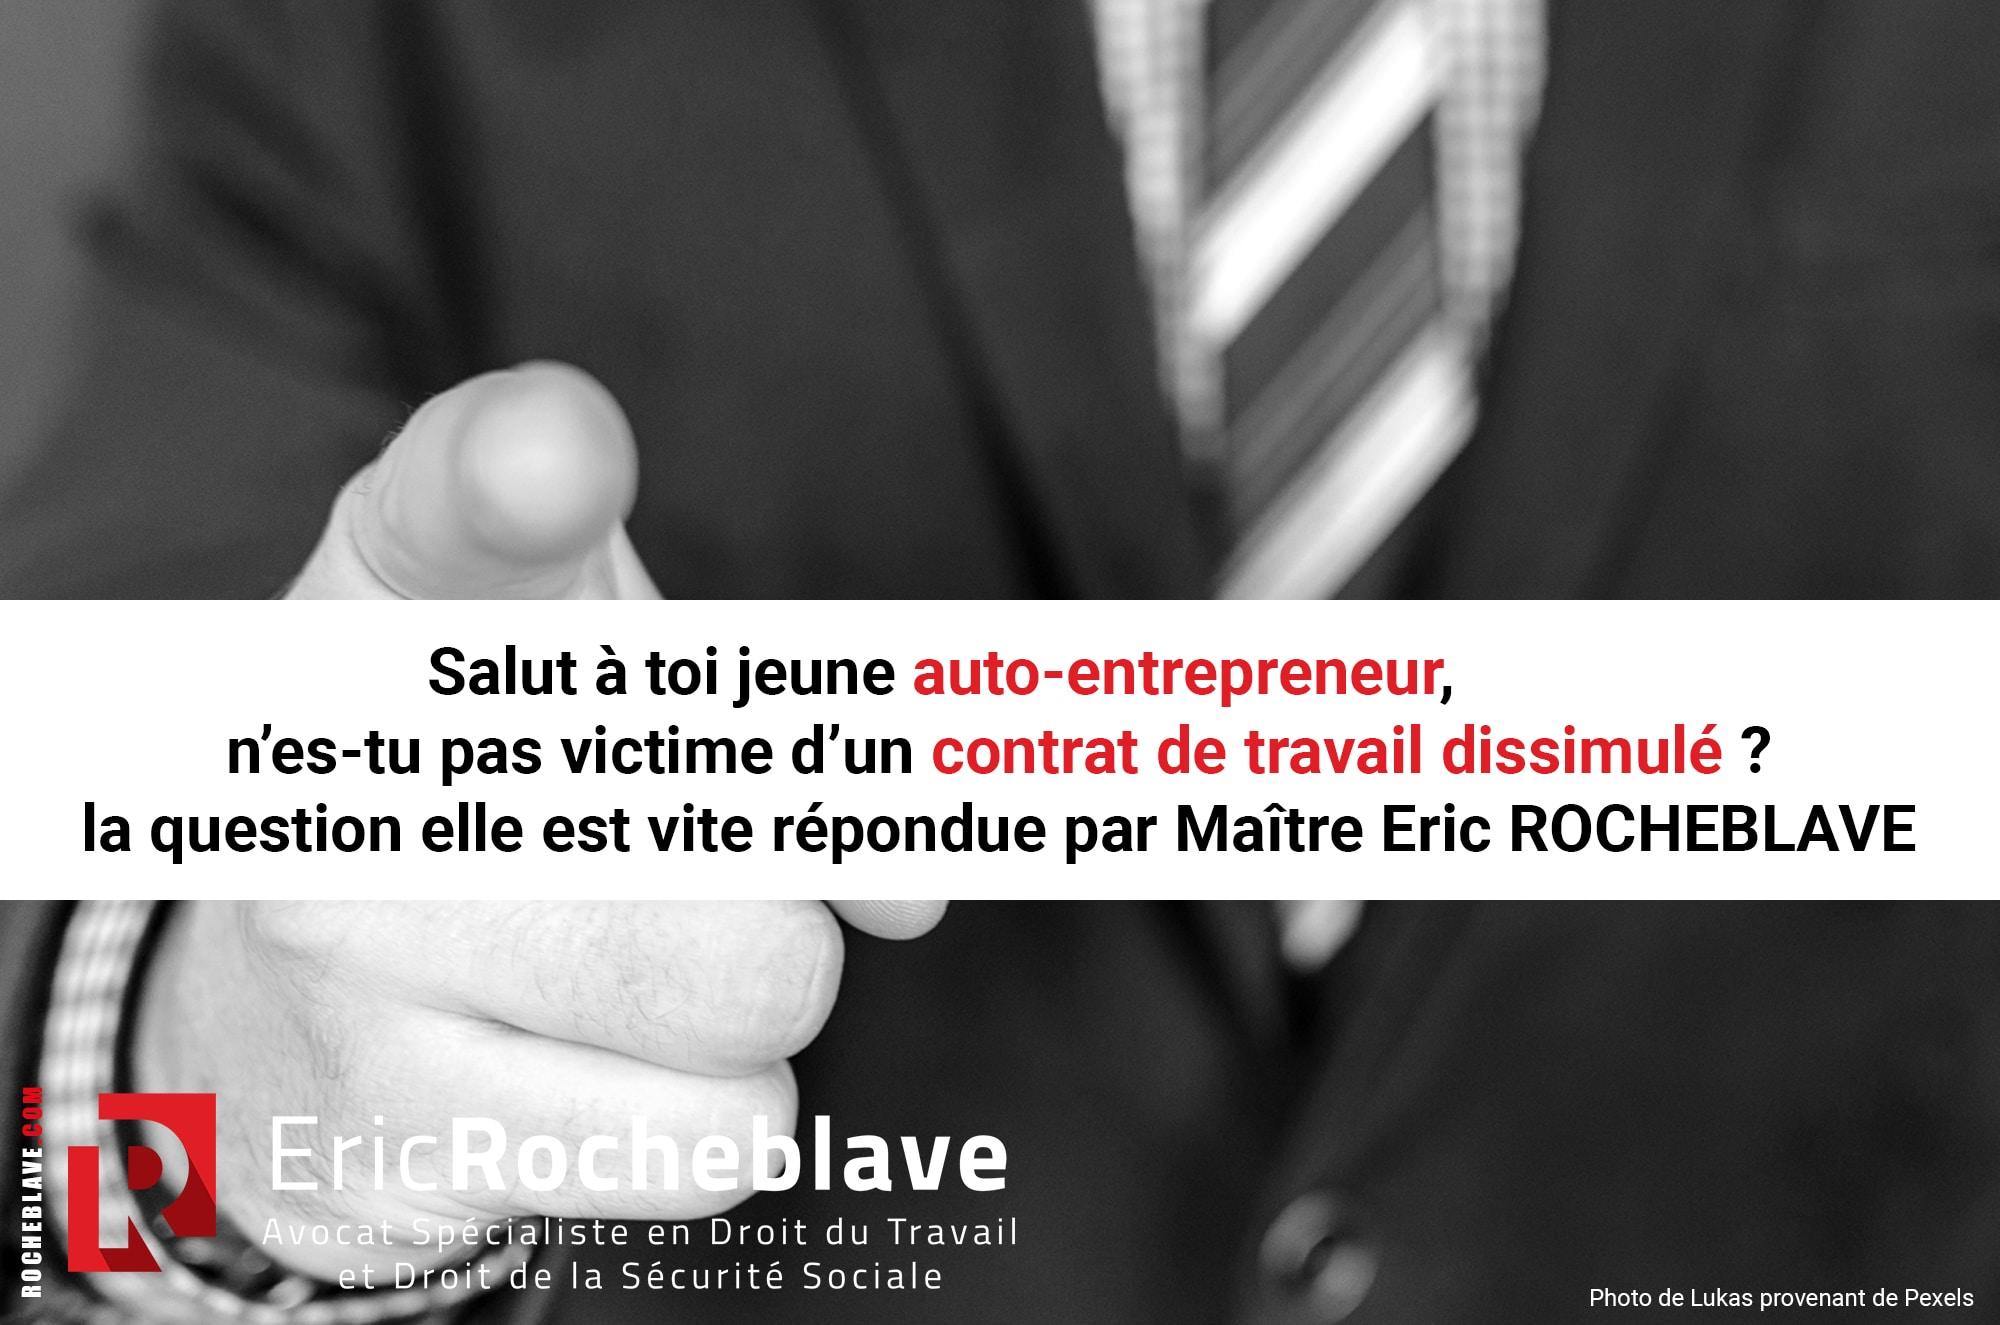 Salut à toi jeune autoentrepreneur, n'es-tu pas victime d'un contrat de travail dissimulé ? la question elle est vite répondue par Maître Eric ROCHEBLAVE